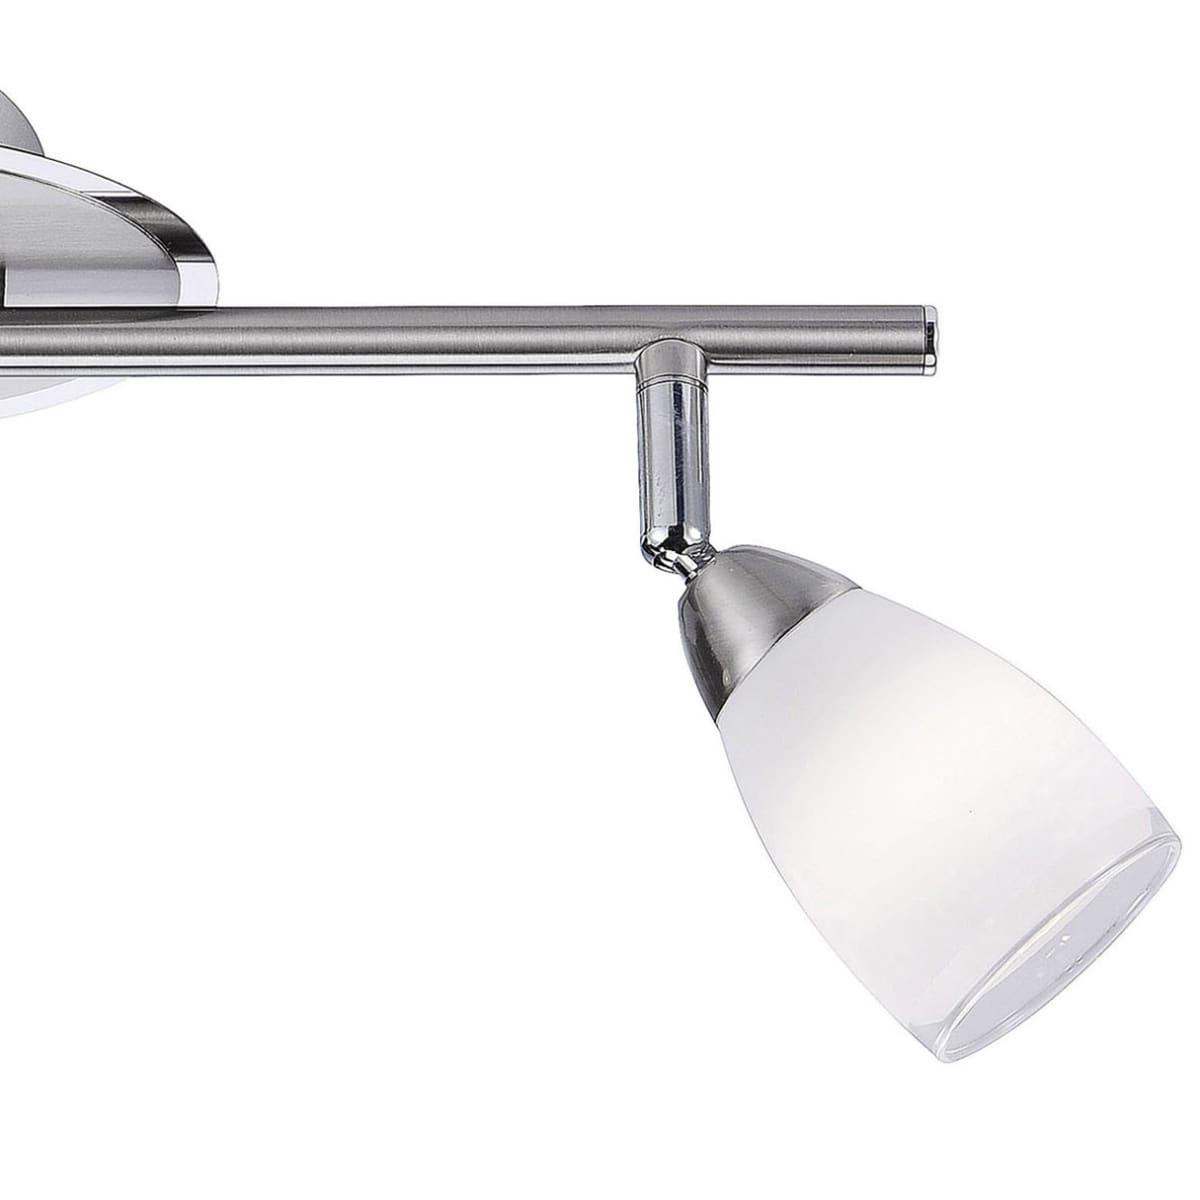 LED-Deckenstrahler in Stahl mit 2 verstellbaren Leuchtköpfen und warmweißer Lichtfarbe ist energiesparend